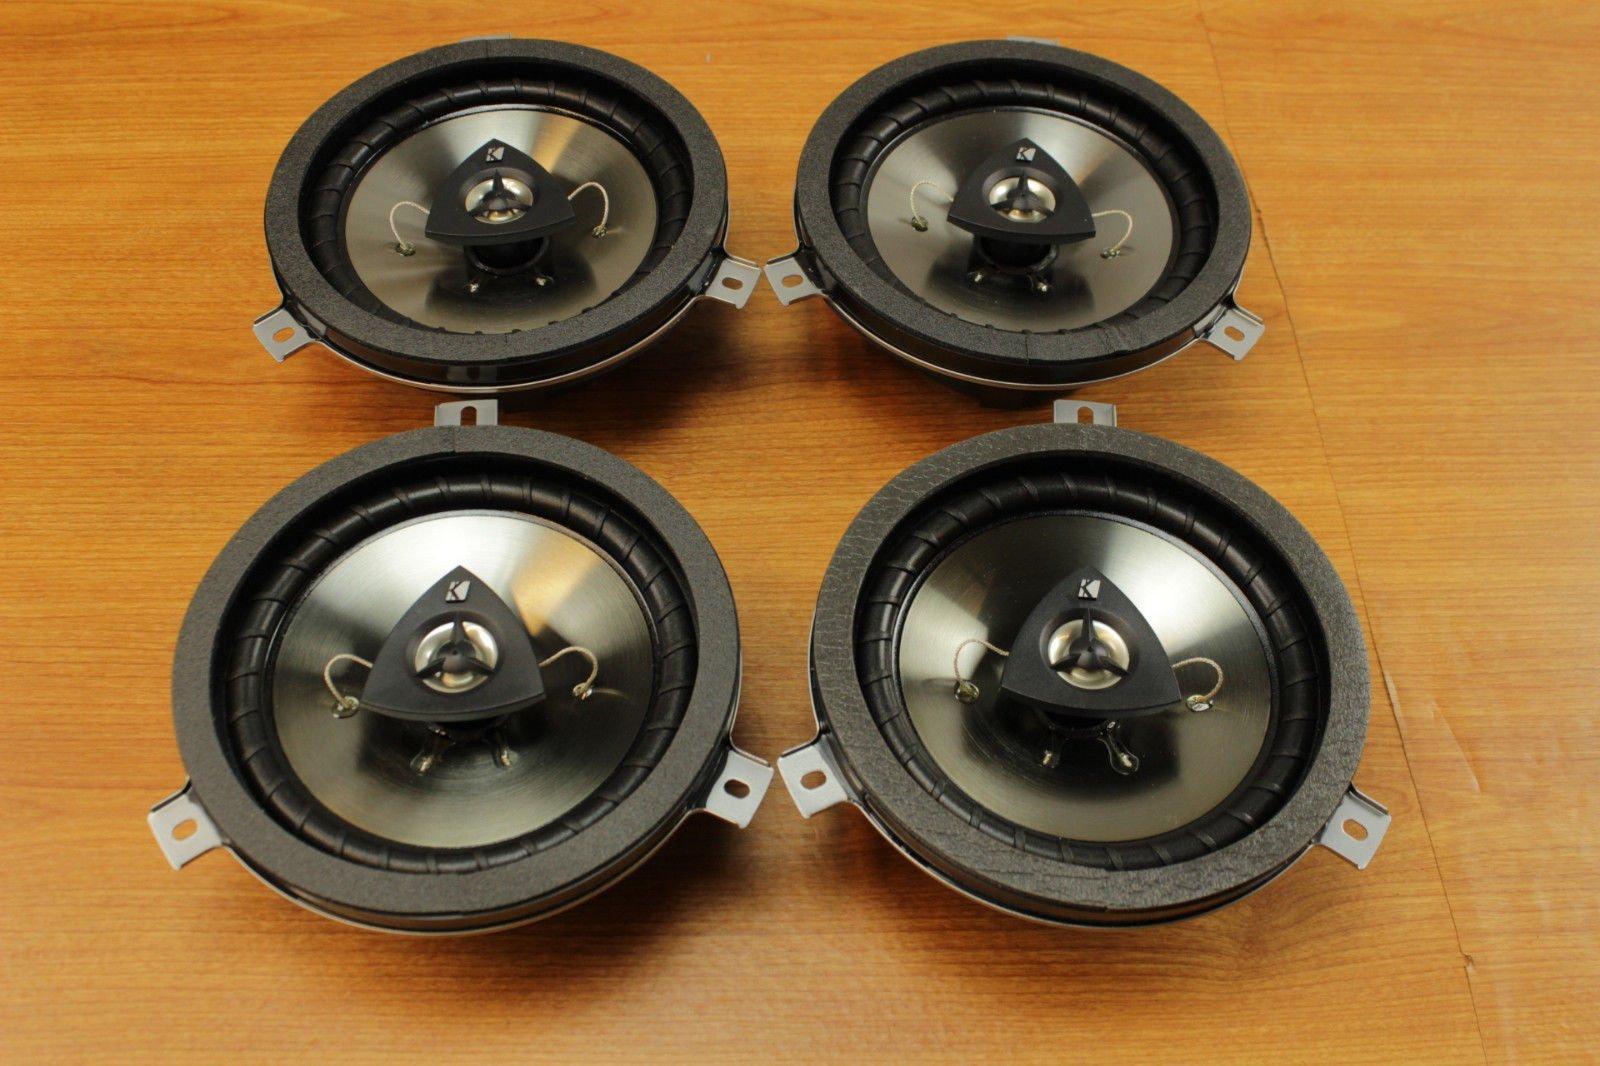 Chrysler Jeep Dodge 6.5inch Kicker Speaker Upgrade Set of 4 Mopar OEM by Mopar (Image #1)